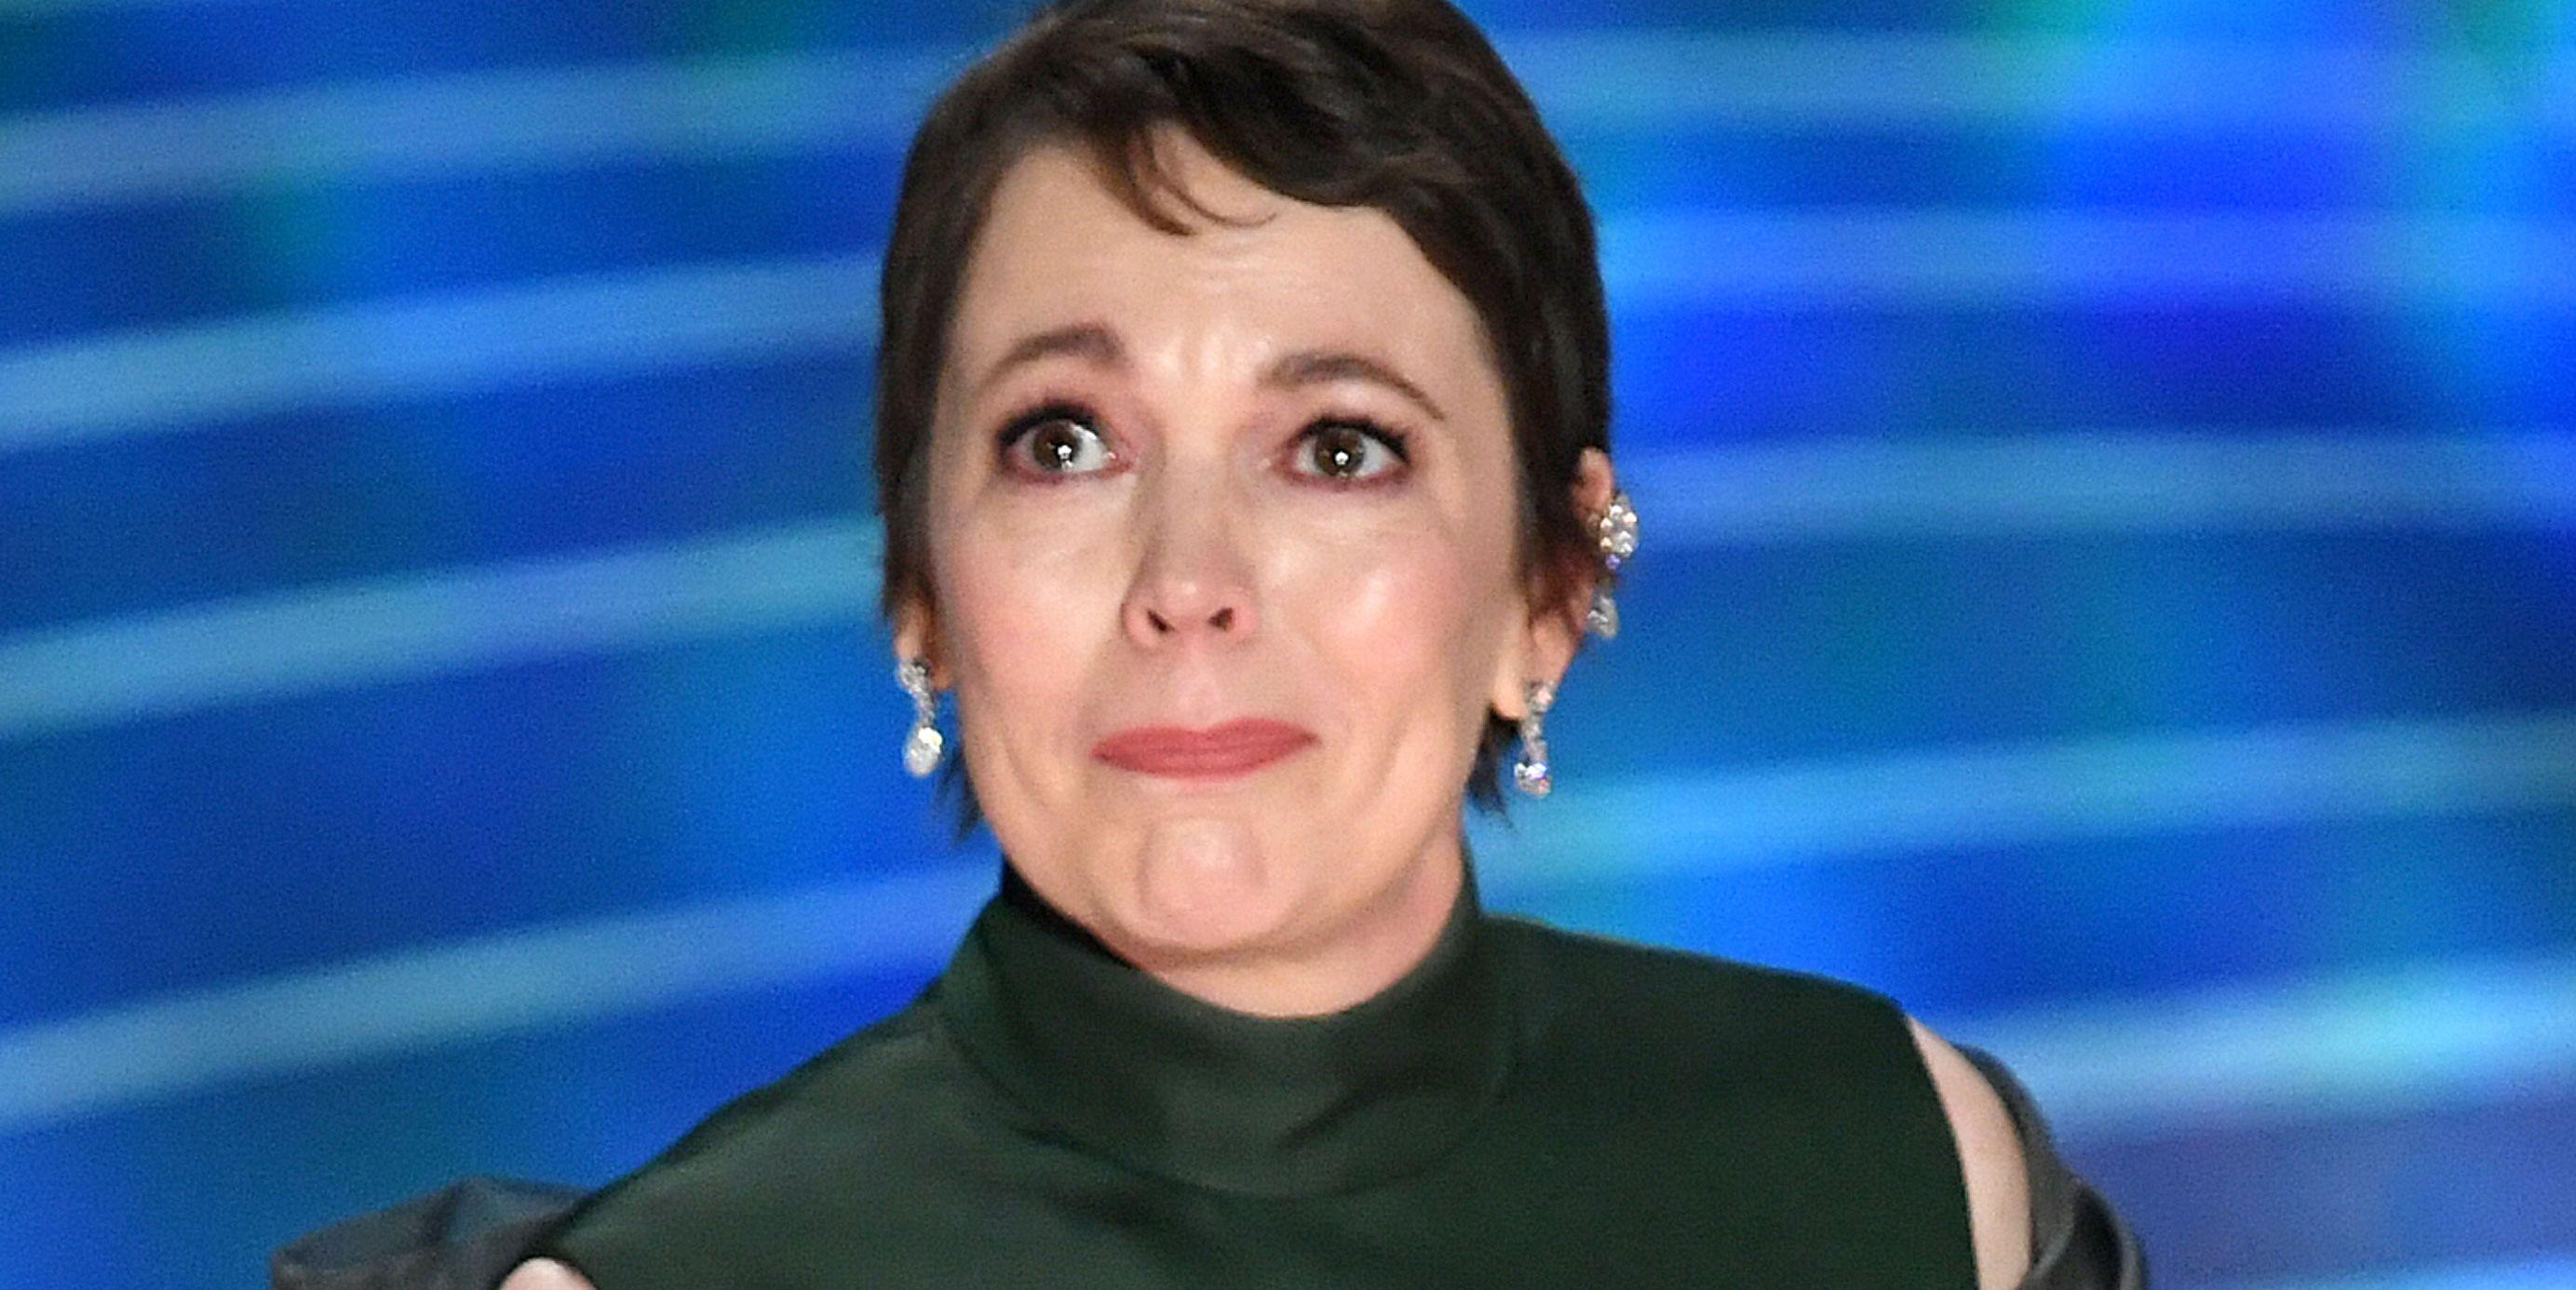 Olivia Colman, Best Actress, Oscars 2019